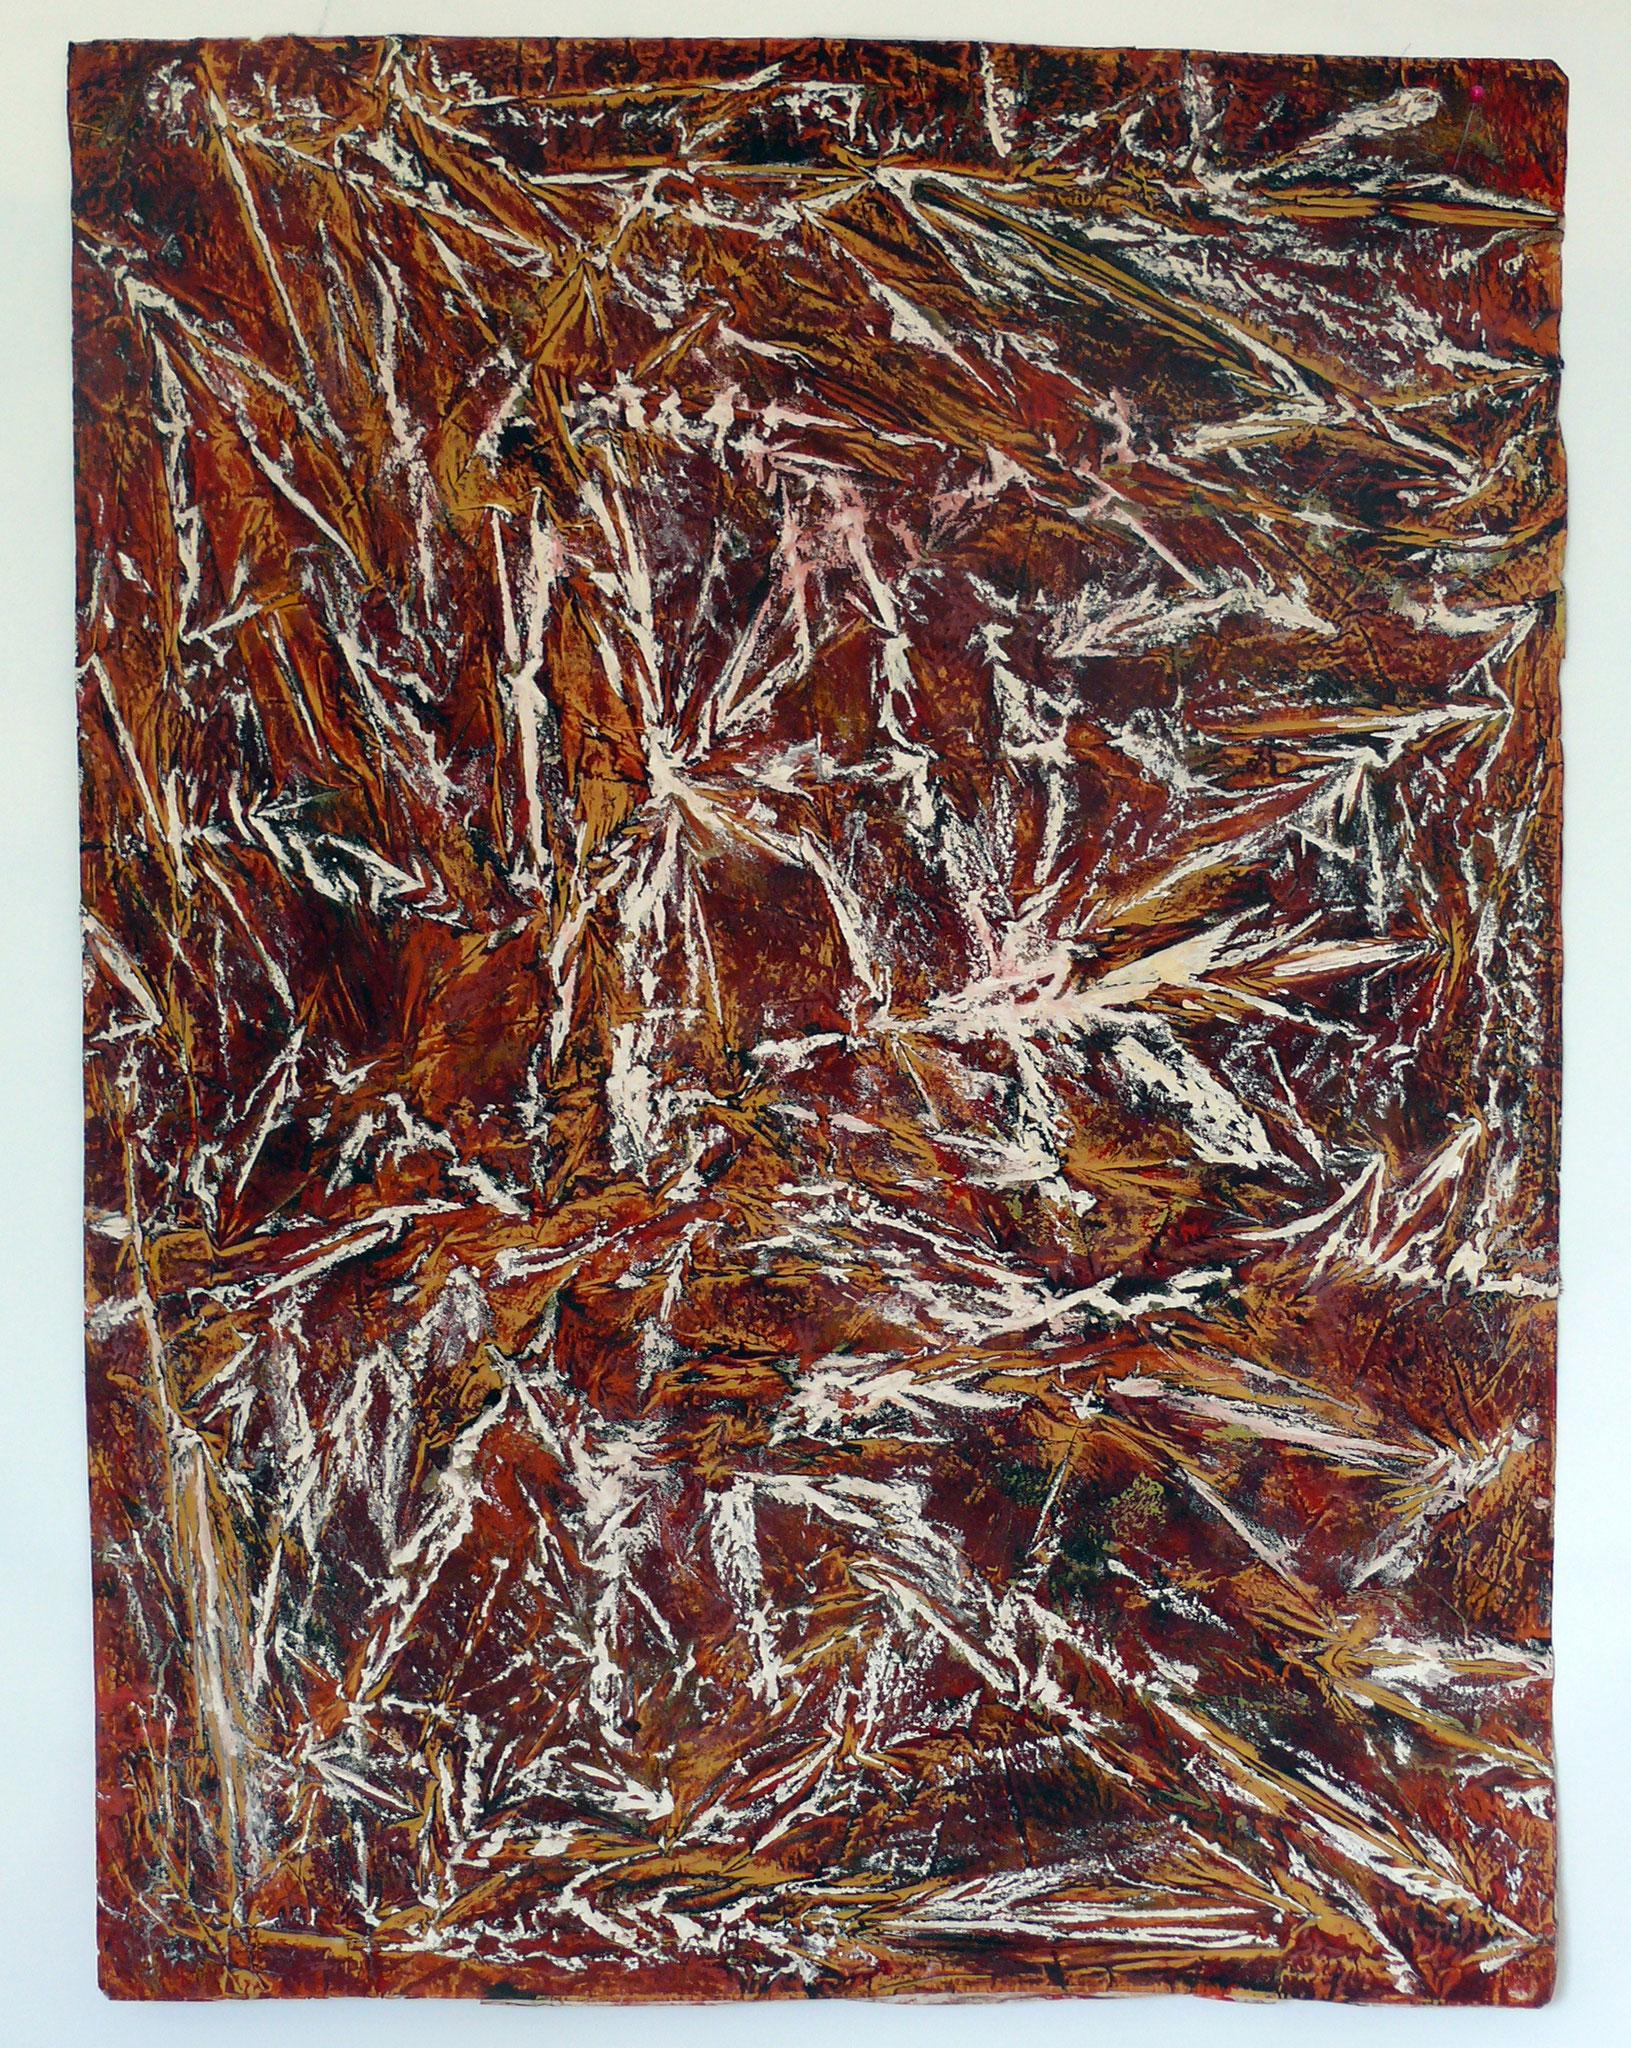 Landschaft, 1991/2003, farbige Reibung, Kalk, Acryl, Erde, Pigment, Strohfüllung auf Konsumeinwickelpapier